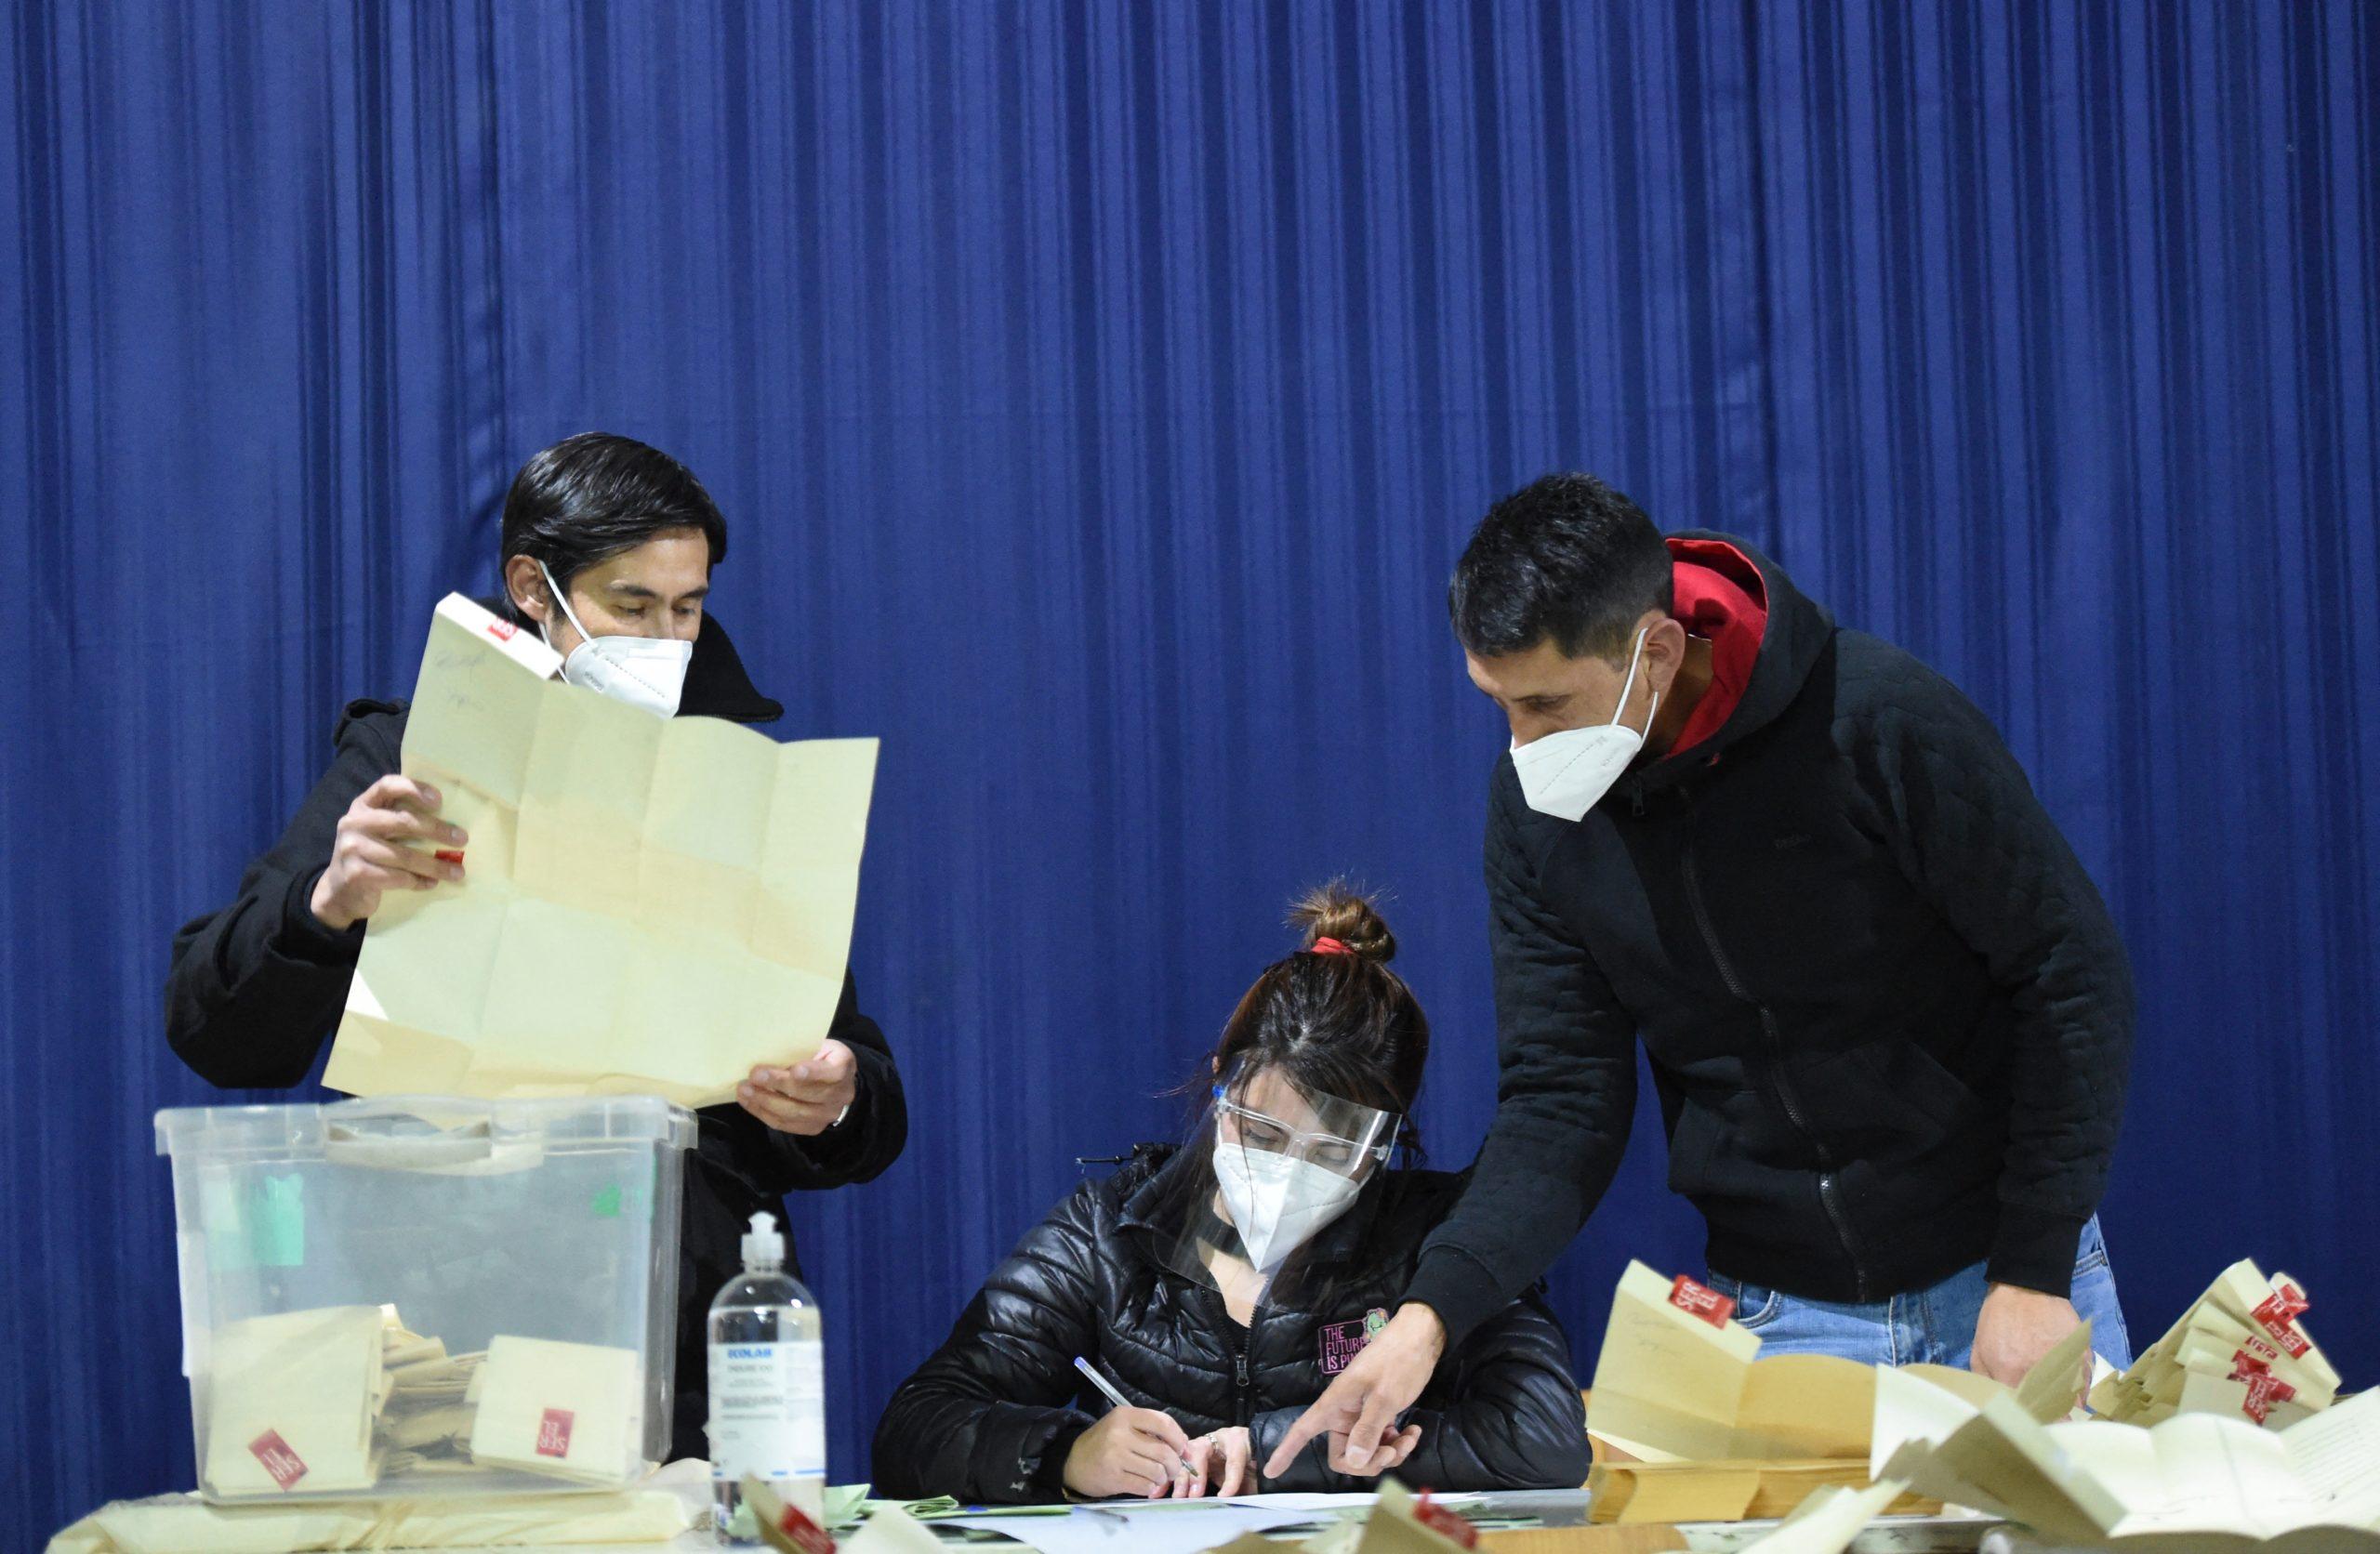 Chile: Los puntos más resaltantes de una elecciones de constituyentes dominada por independientes